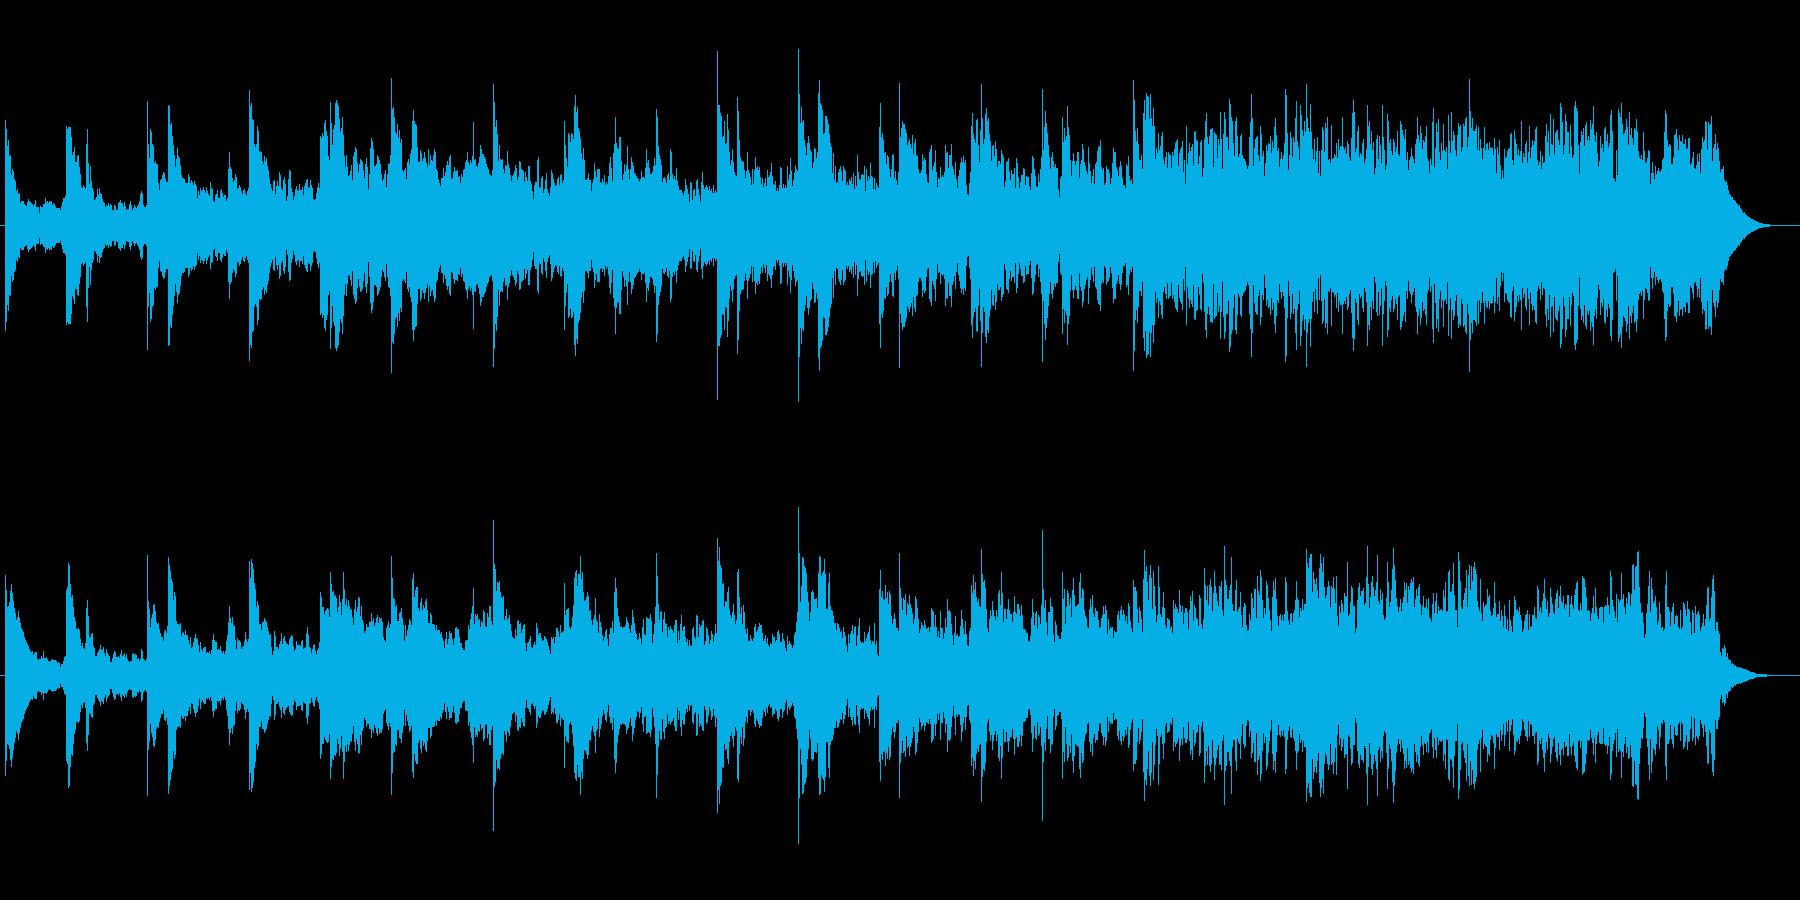 ゆったりしたピアノ・シンセなどの曲の再生済みの波形